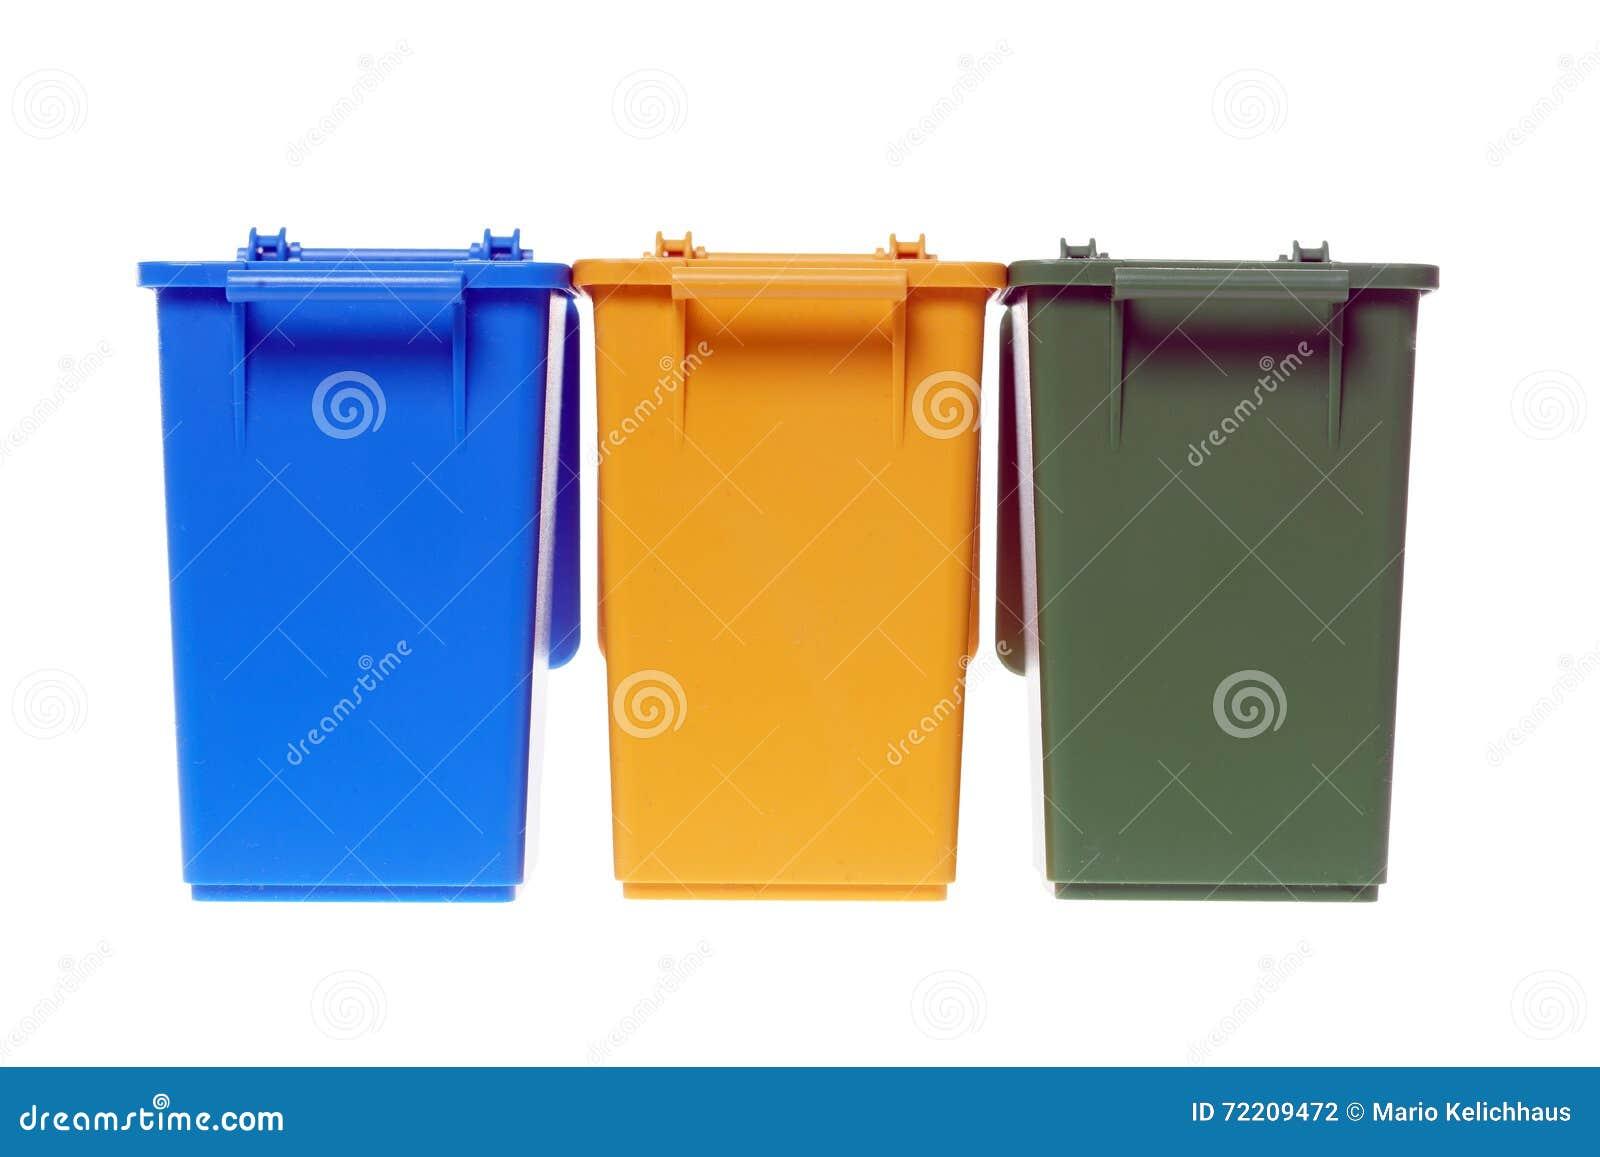 Mulleimer Stockfoto Bild Von Plastik Mulleimer Befreit 72209472